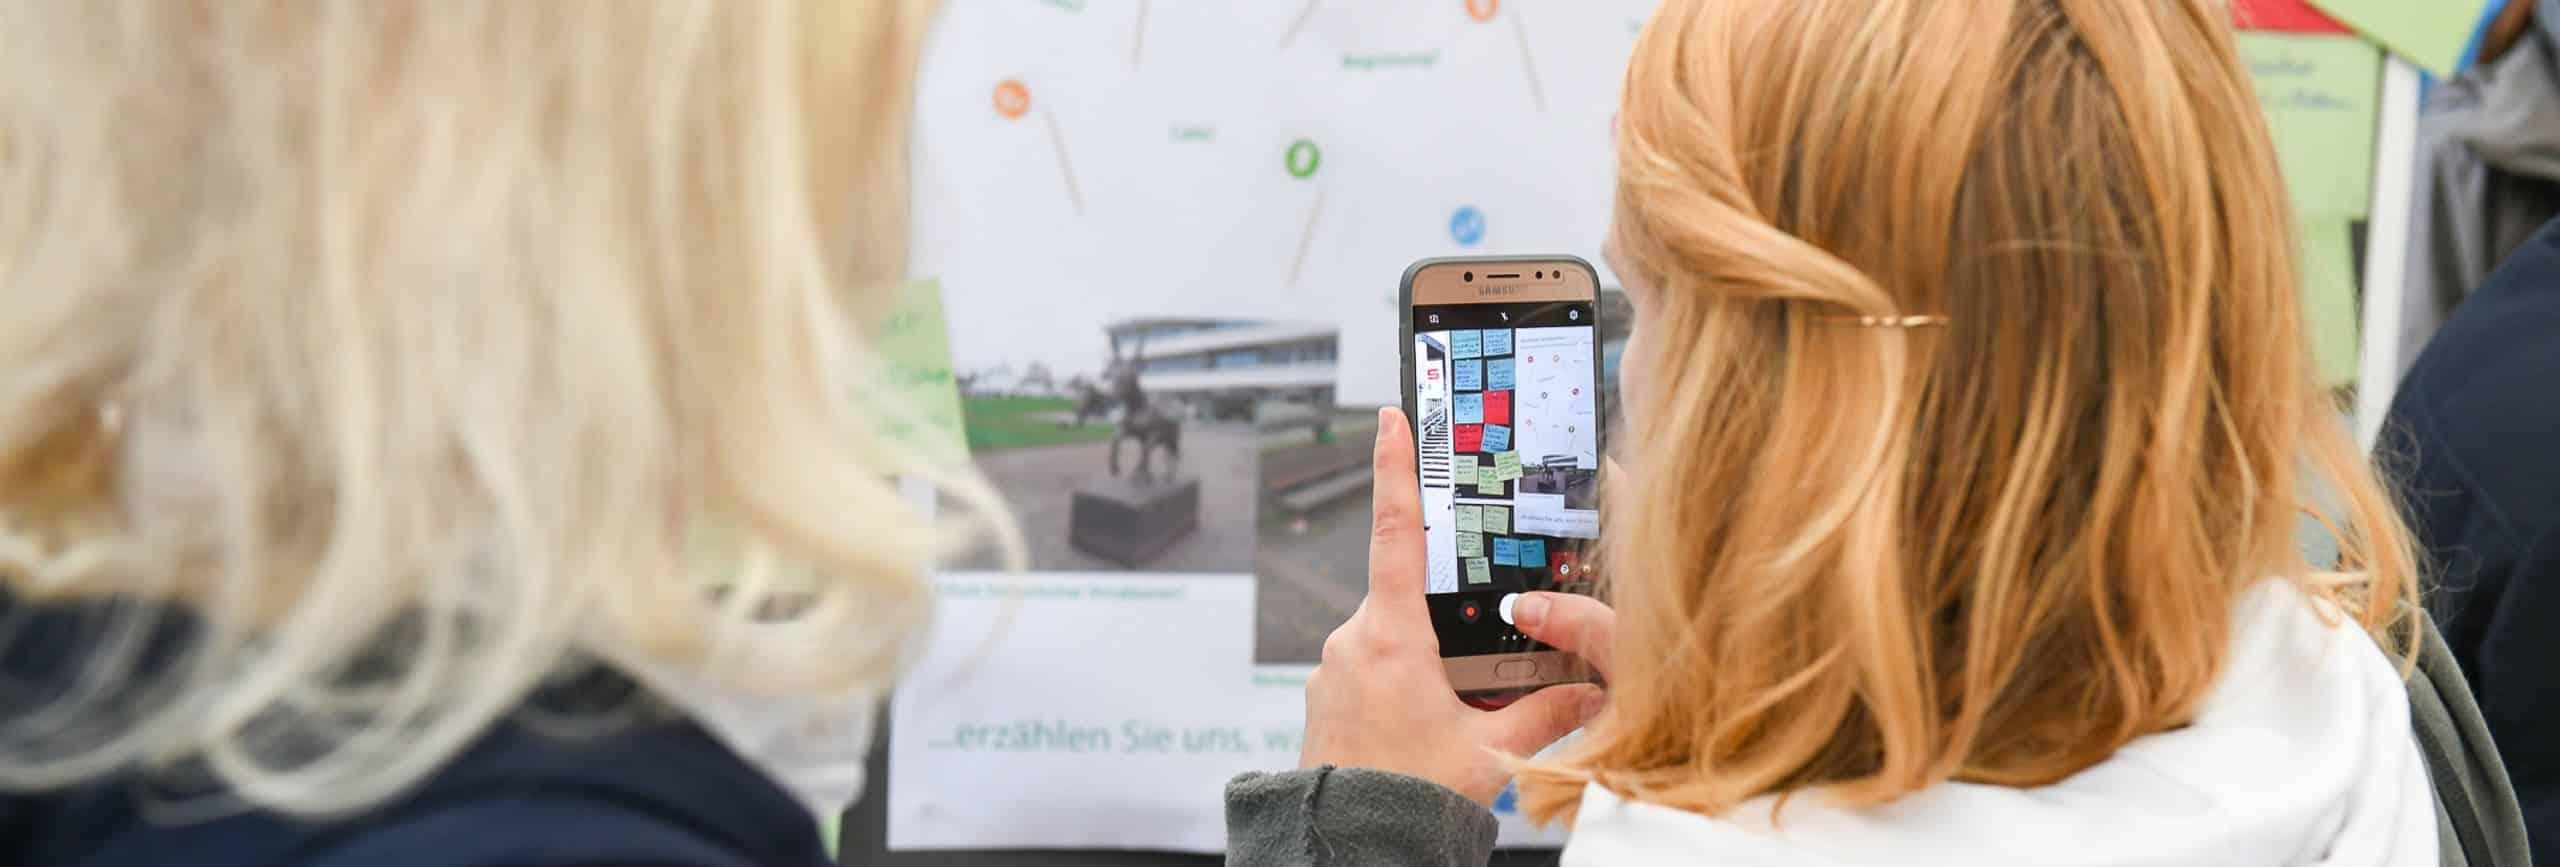 Blonde Frau macht ein Foto bei einer Moderationsveranstaltung